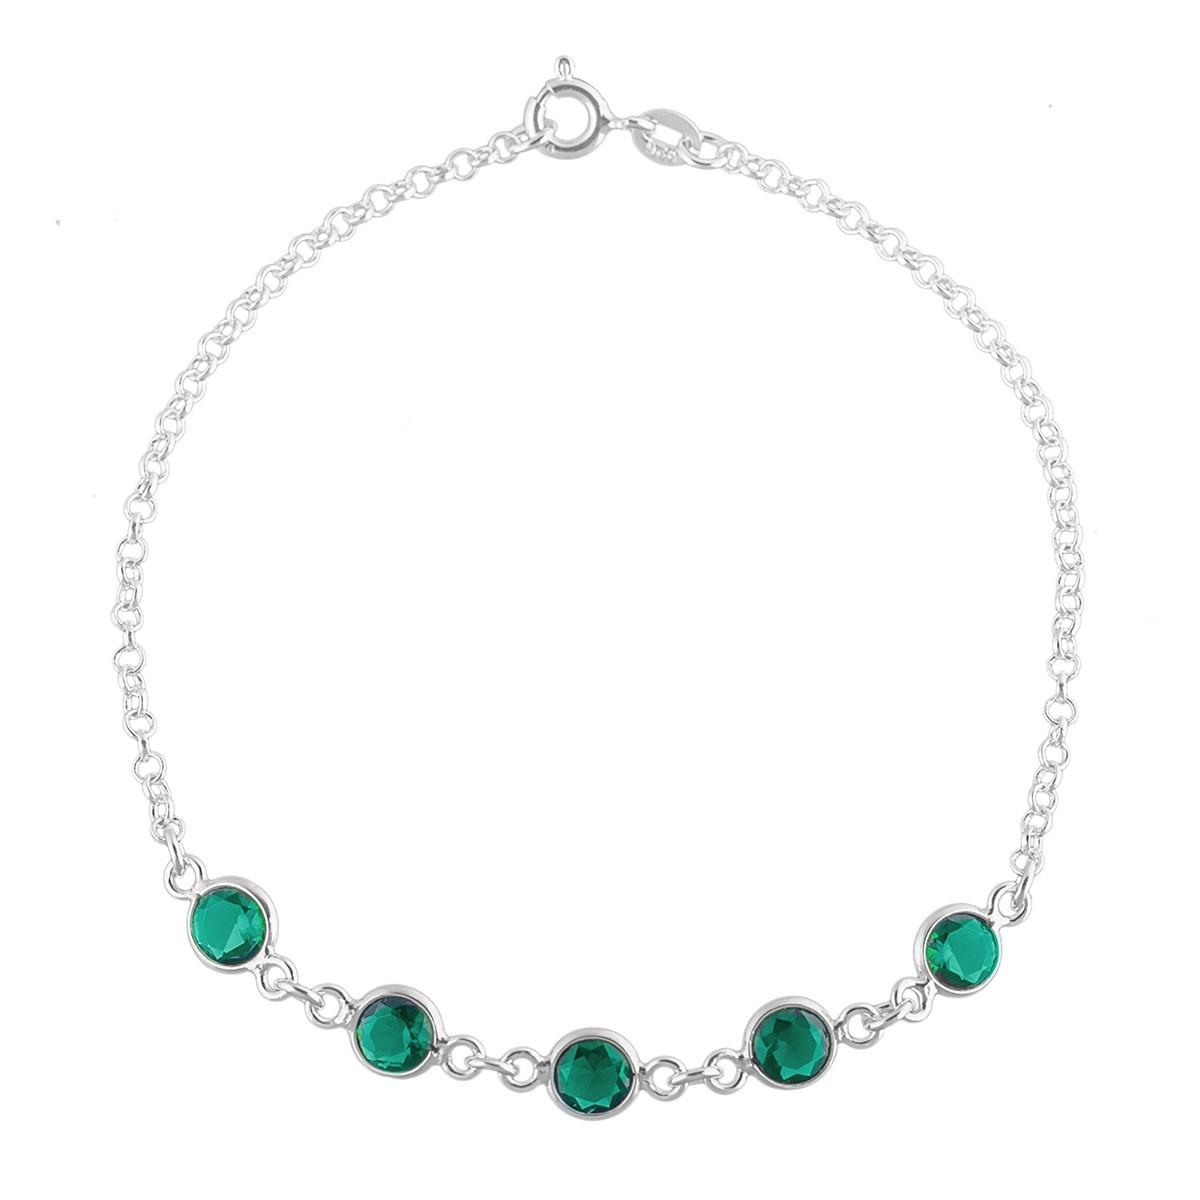 Pulseira Feminina Pedra Verde Zircônia Prata 925